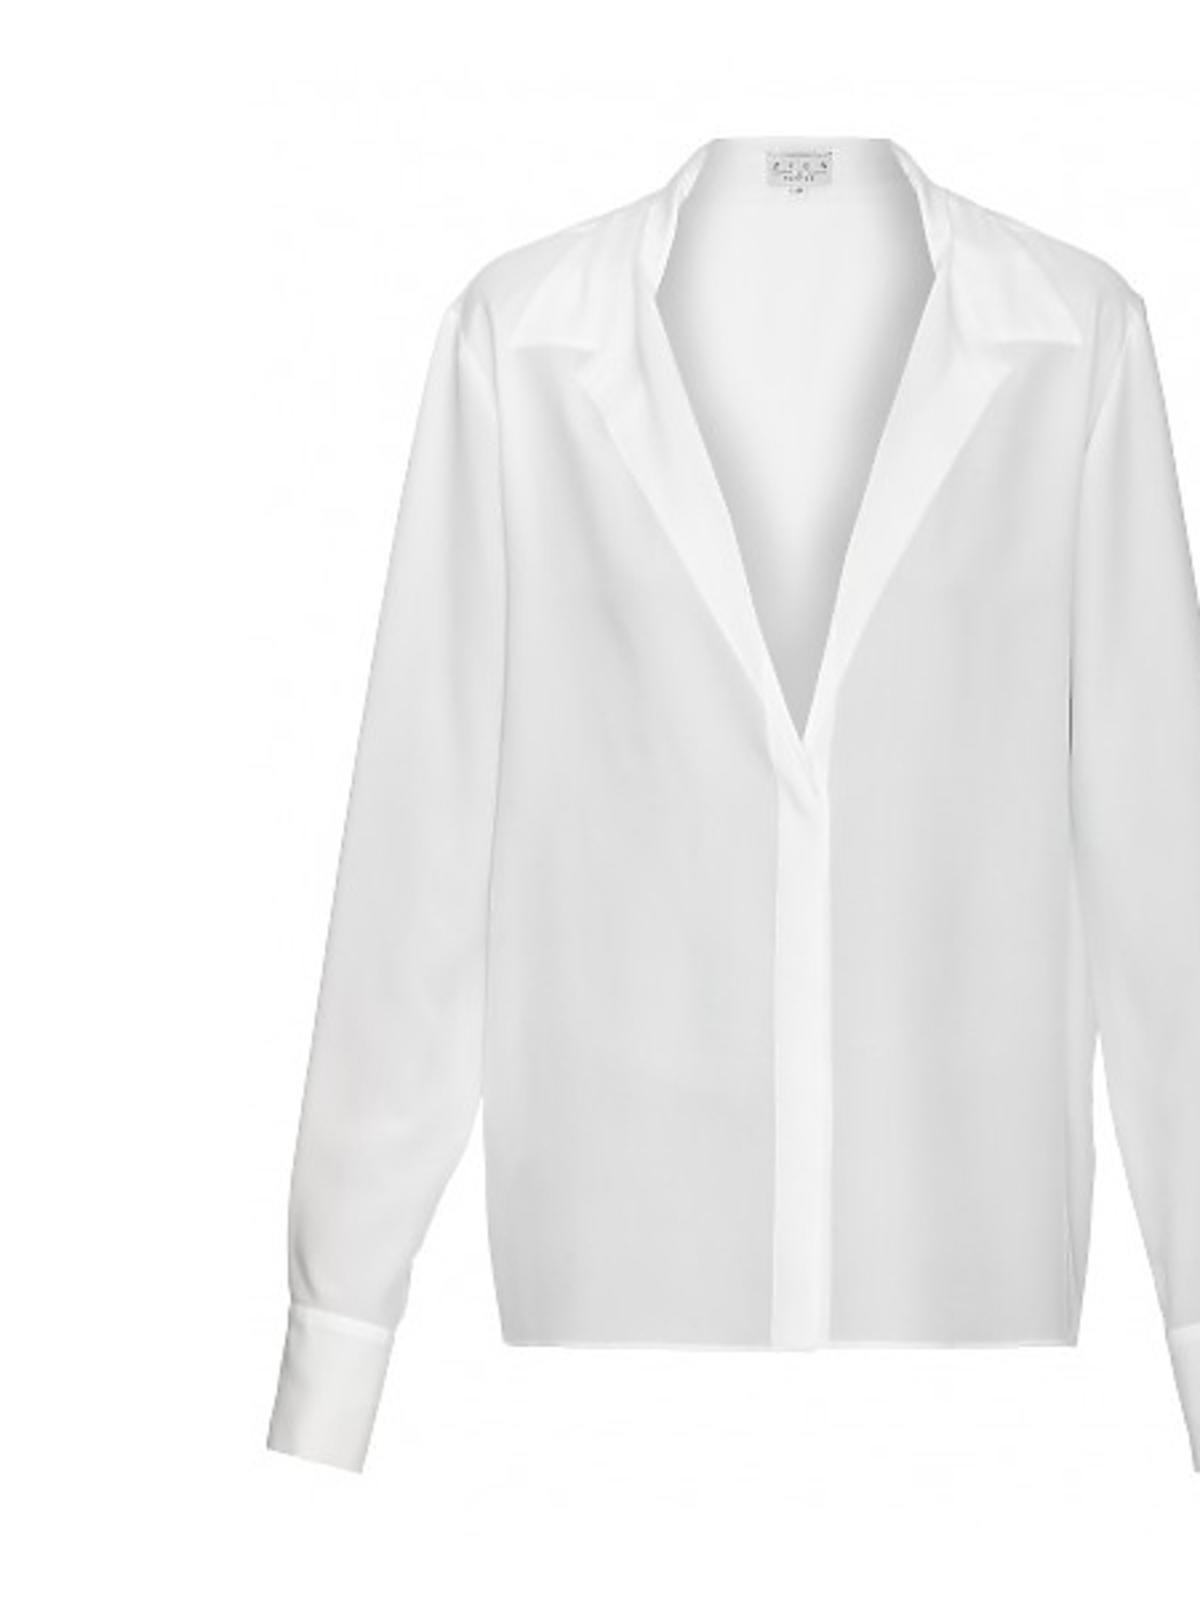 Biała koszula Maciej Zień, cena